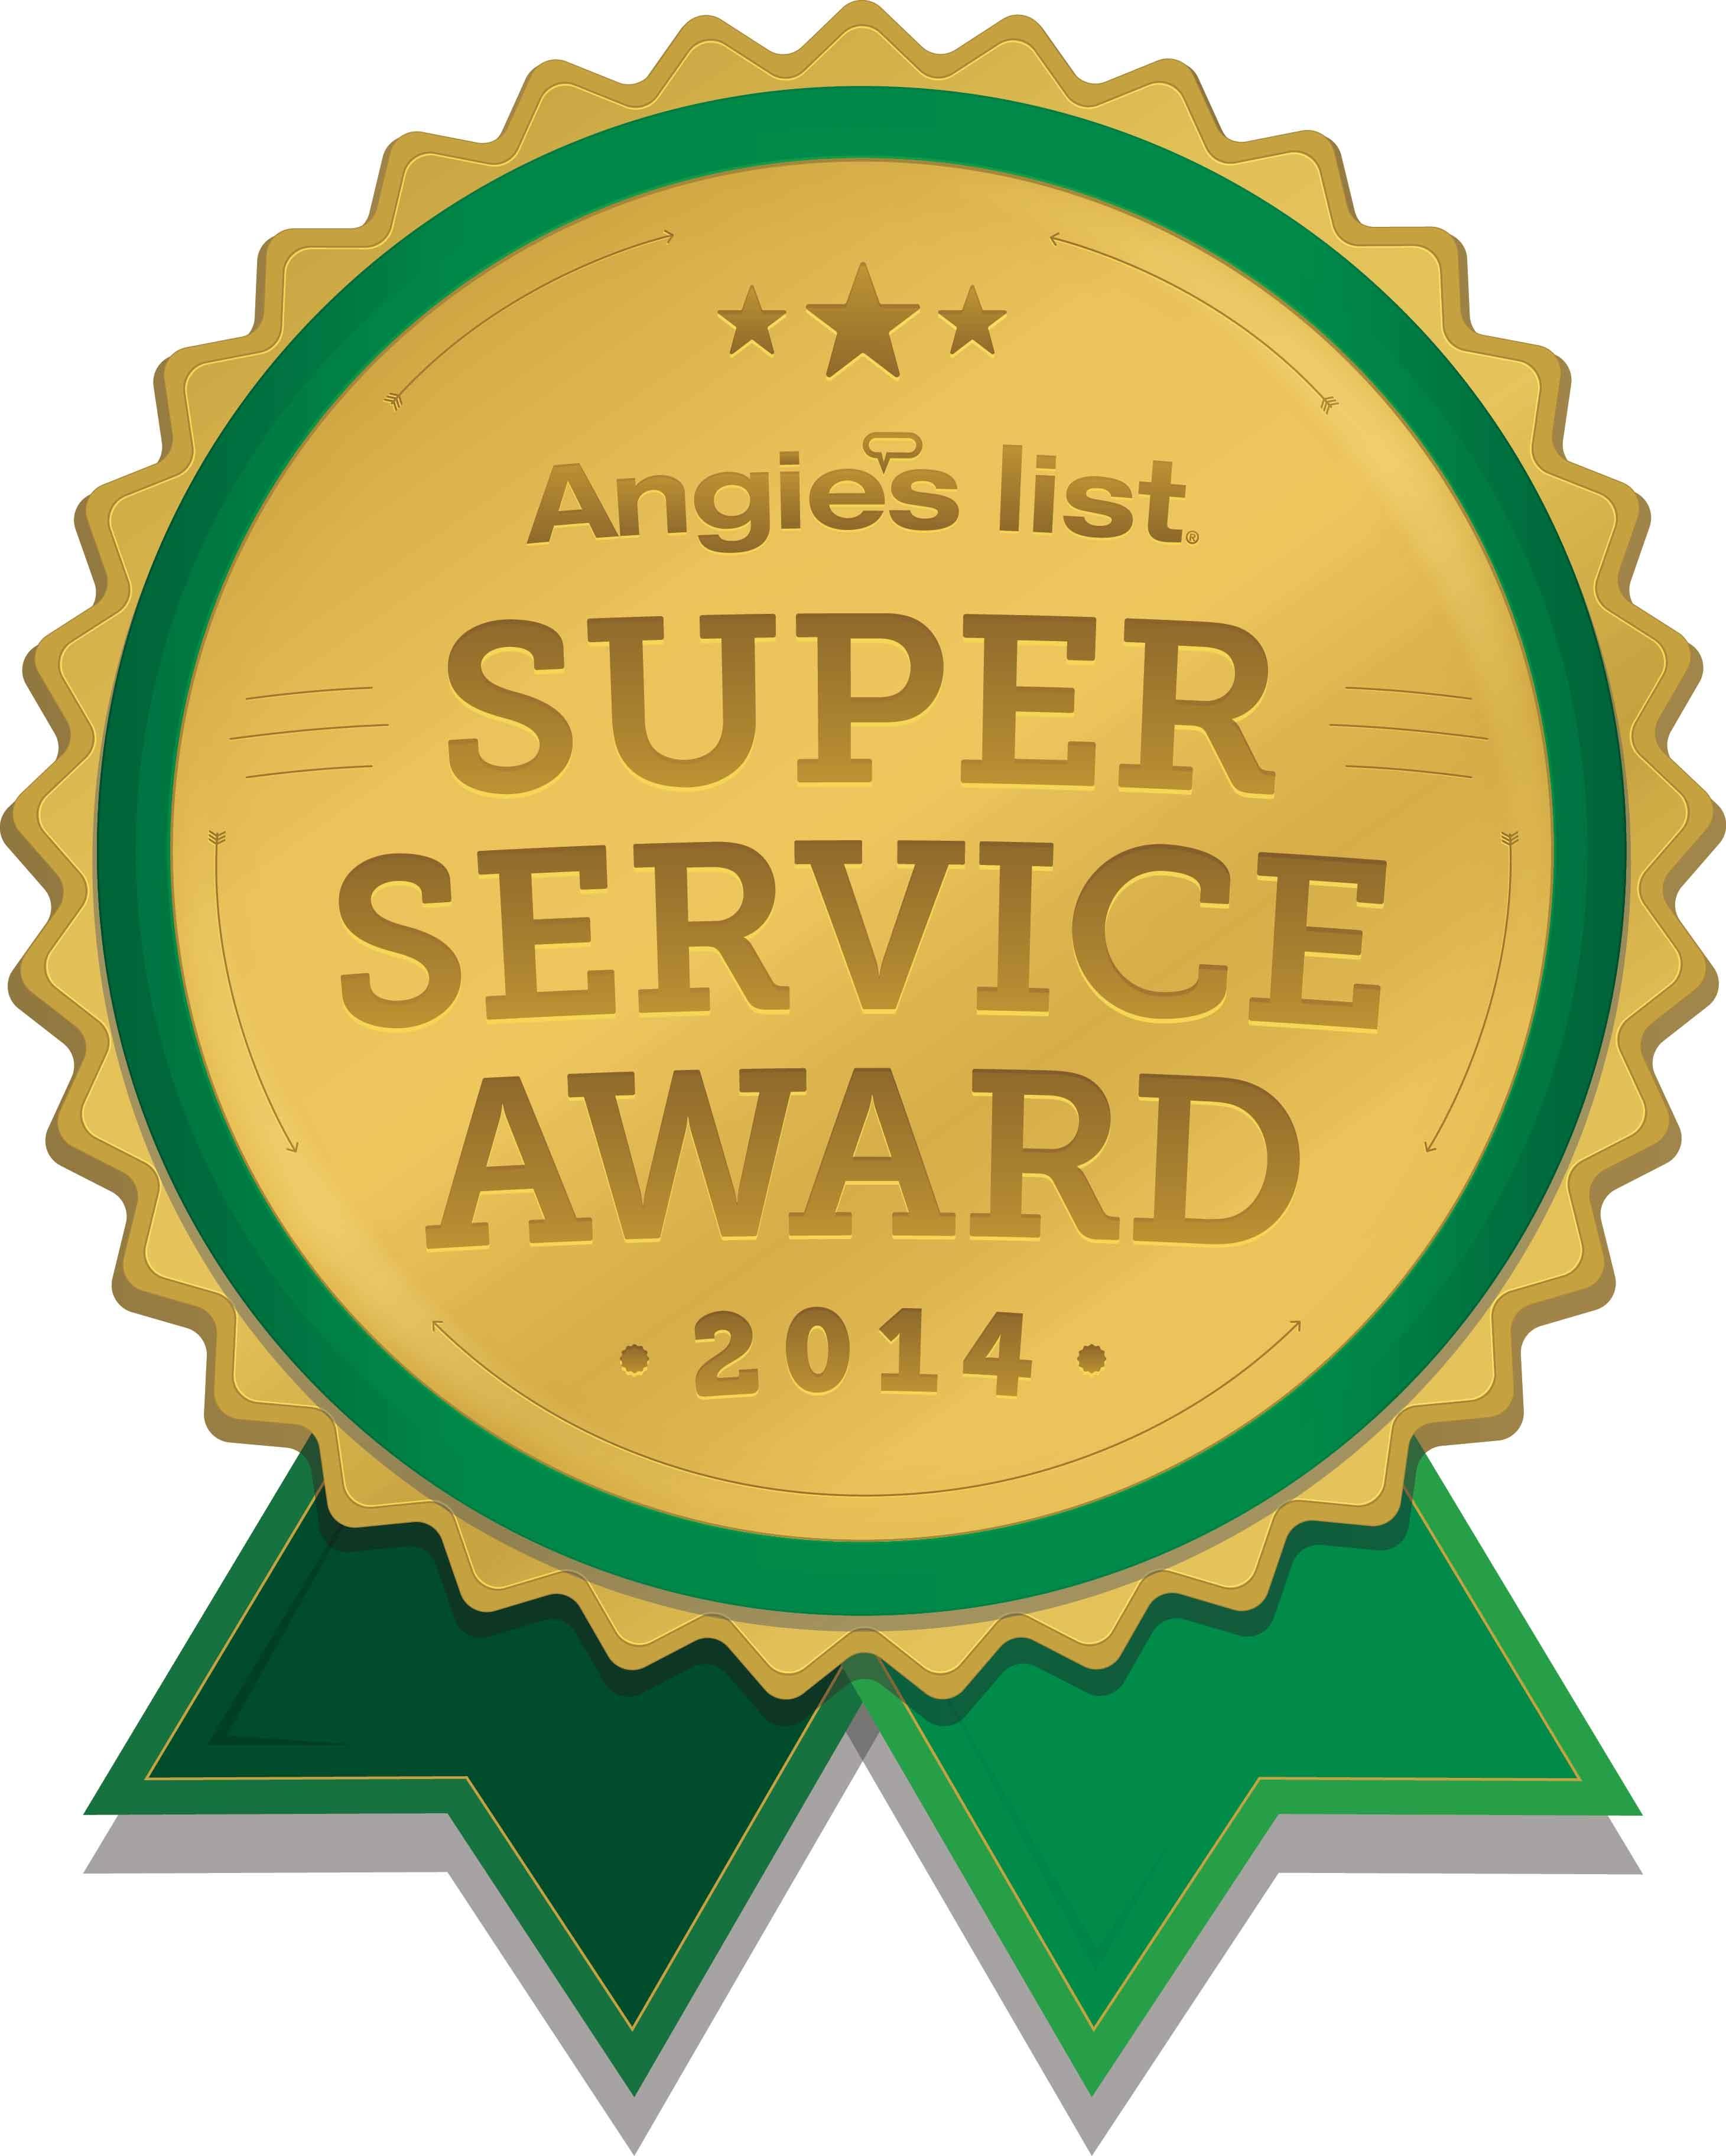 J&S Overhead Garage Door Service image 8